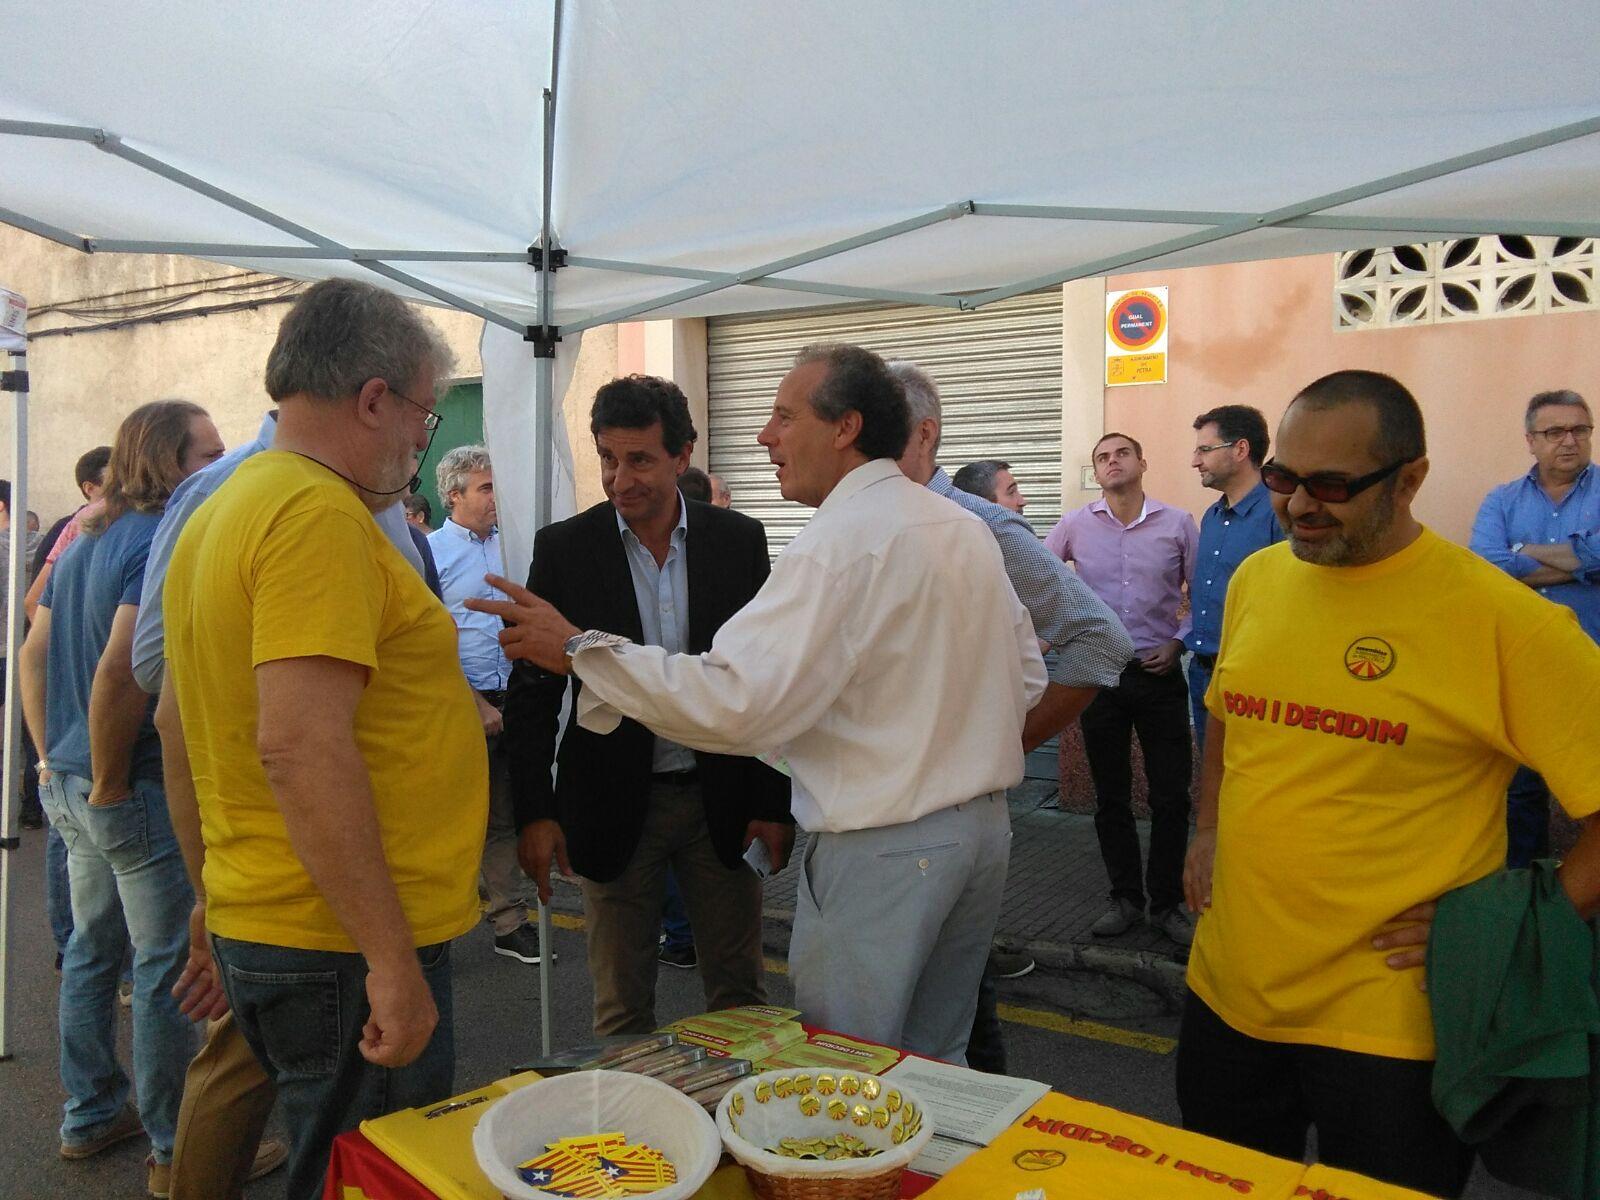 Membres de l'ASM a Petra, amb el batle Salvador Femenías (El Pi) i Biel Company (PP)